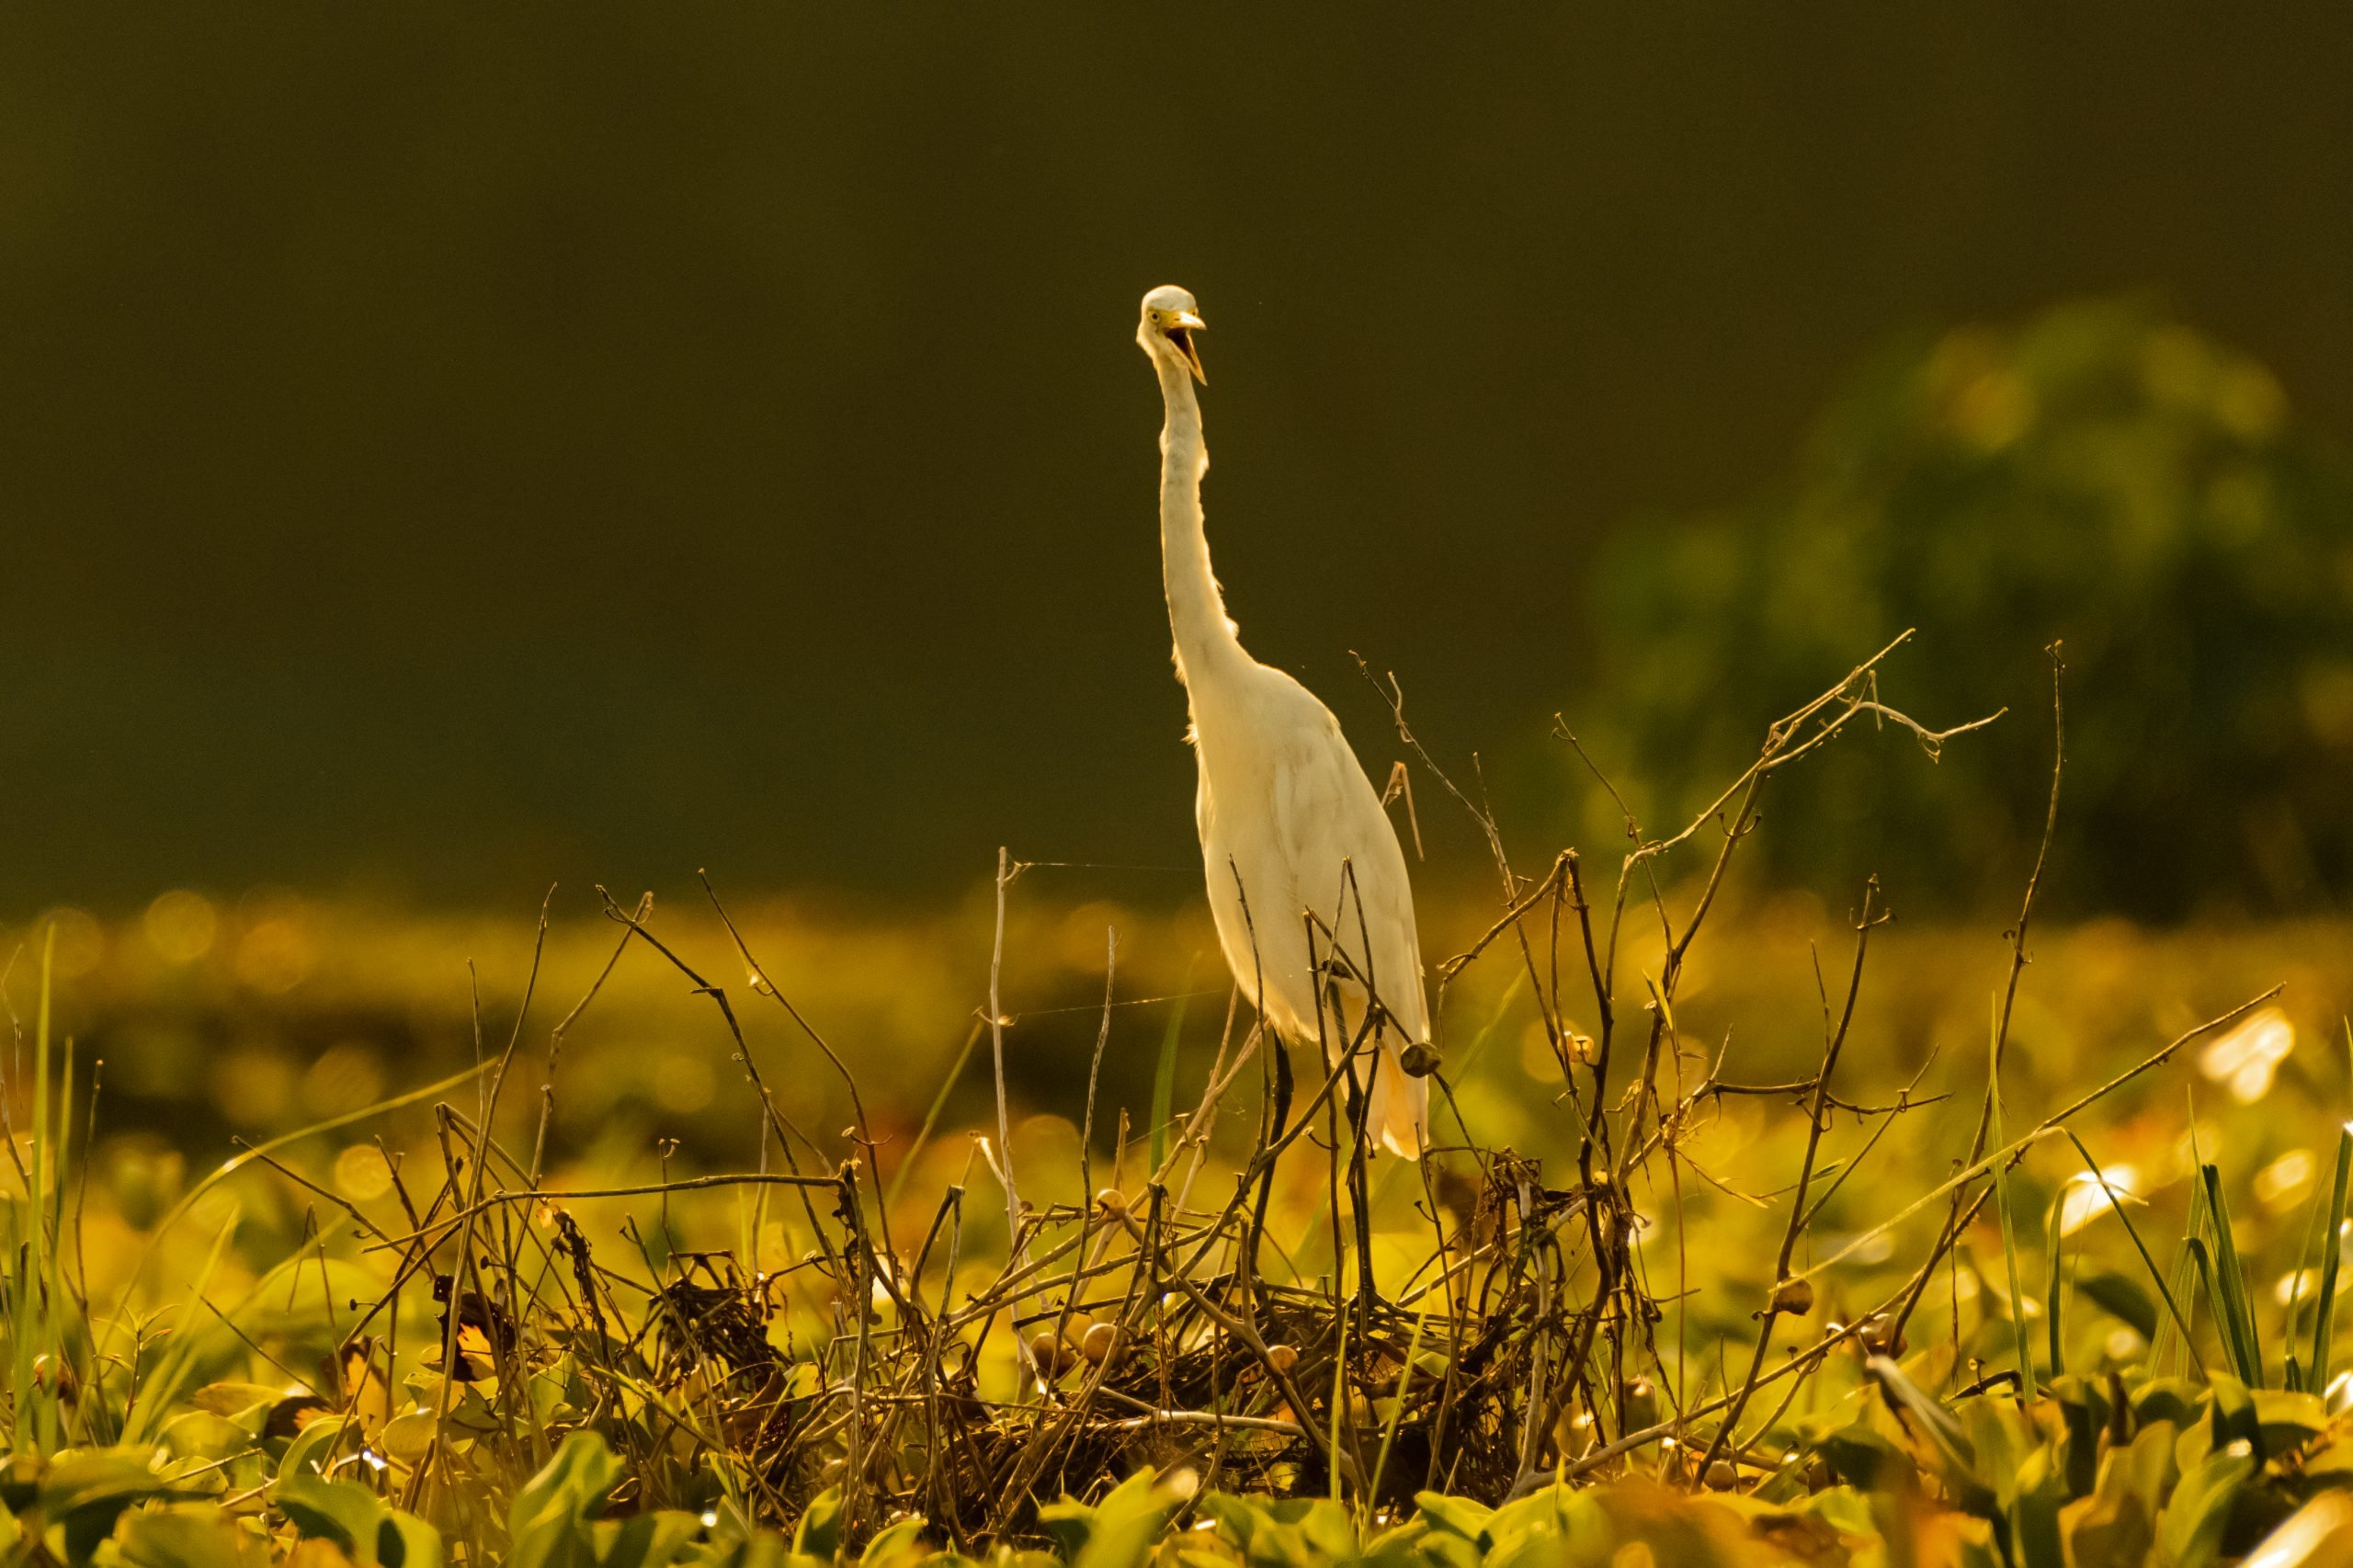 An Egret on grassland